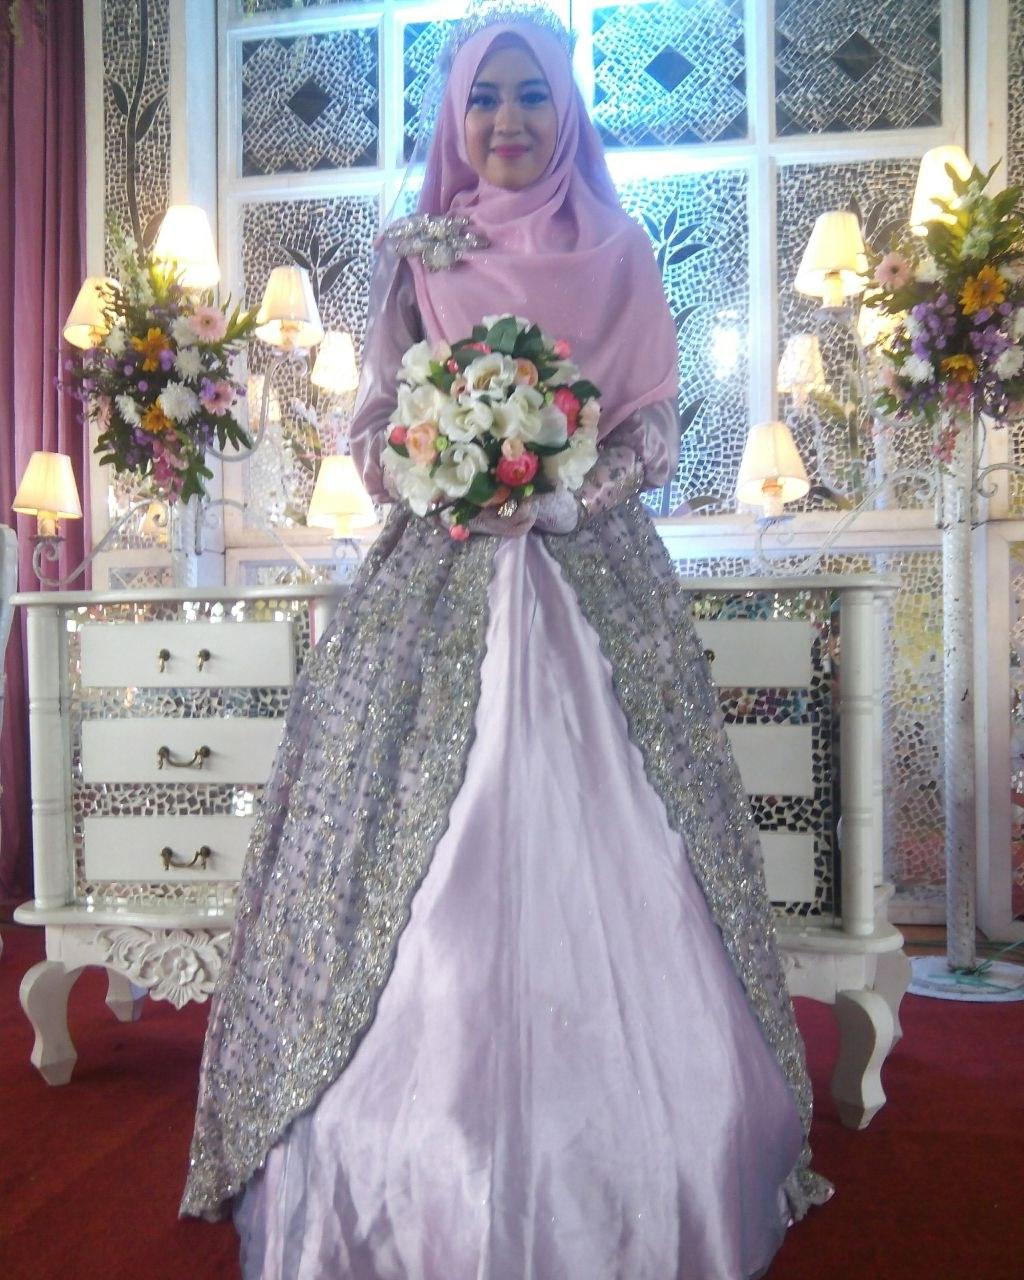 Bentuk Harga Gaun Pengantin Muslimah Syar'i Xtd6 Sewa Gaun Pengantin Muslimah Bandung